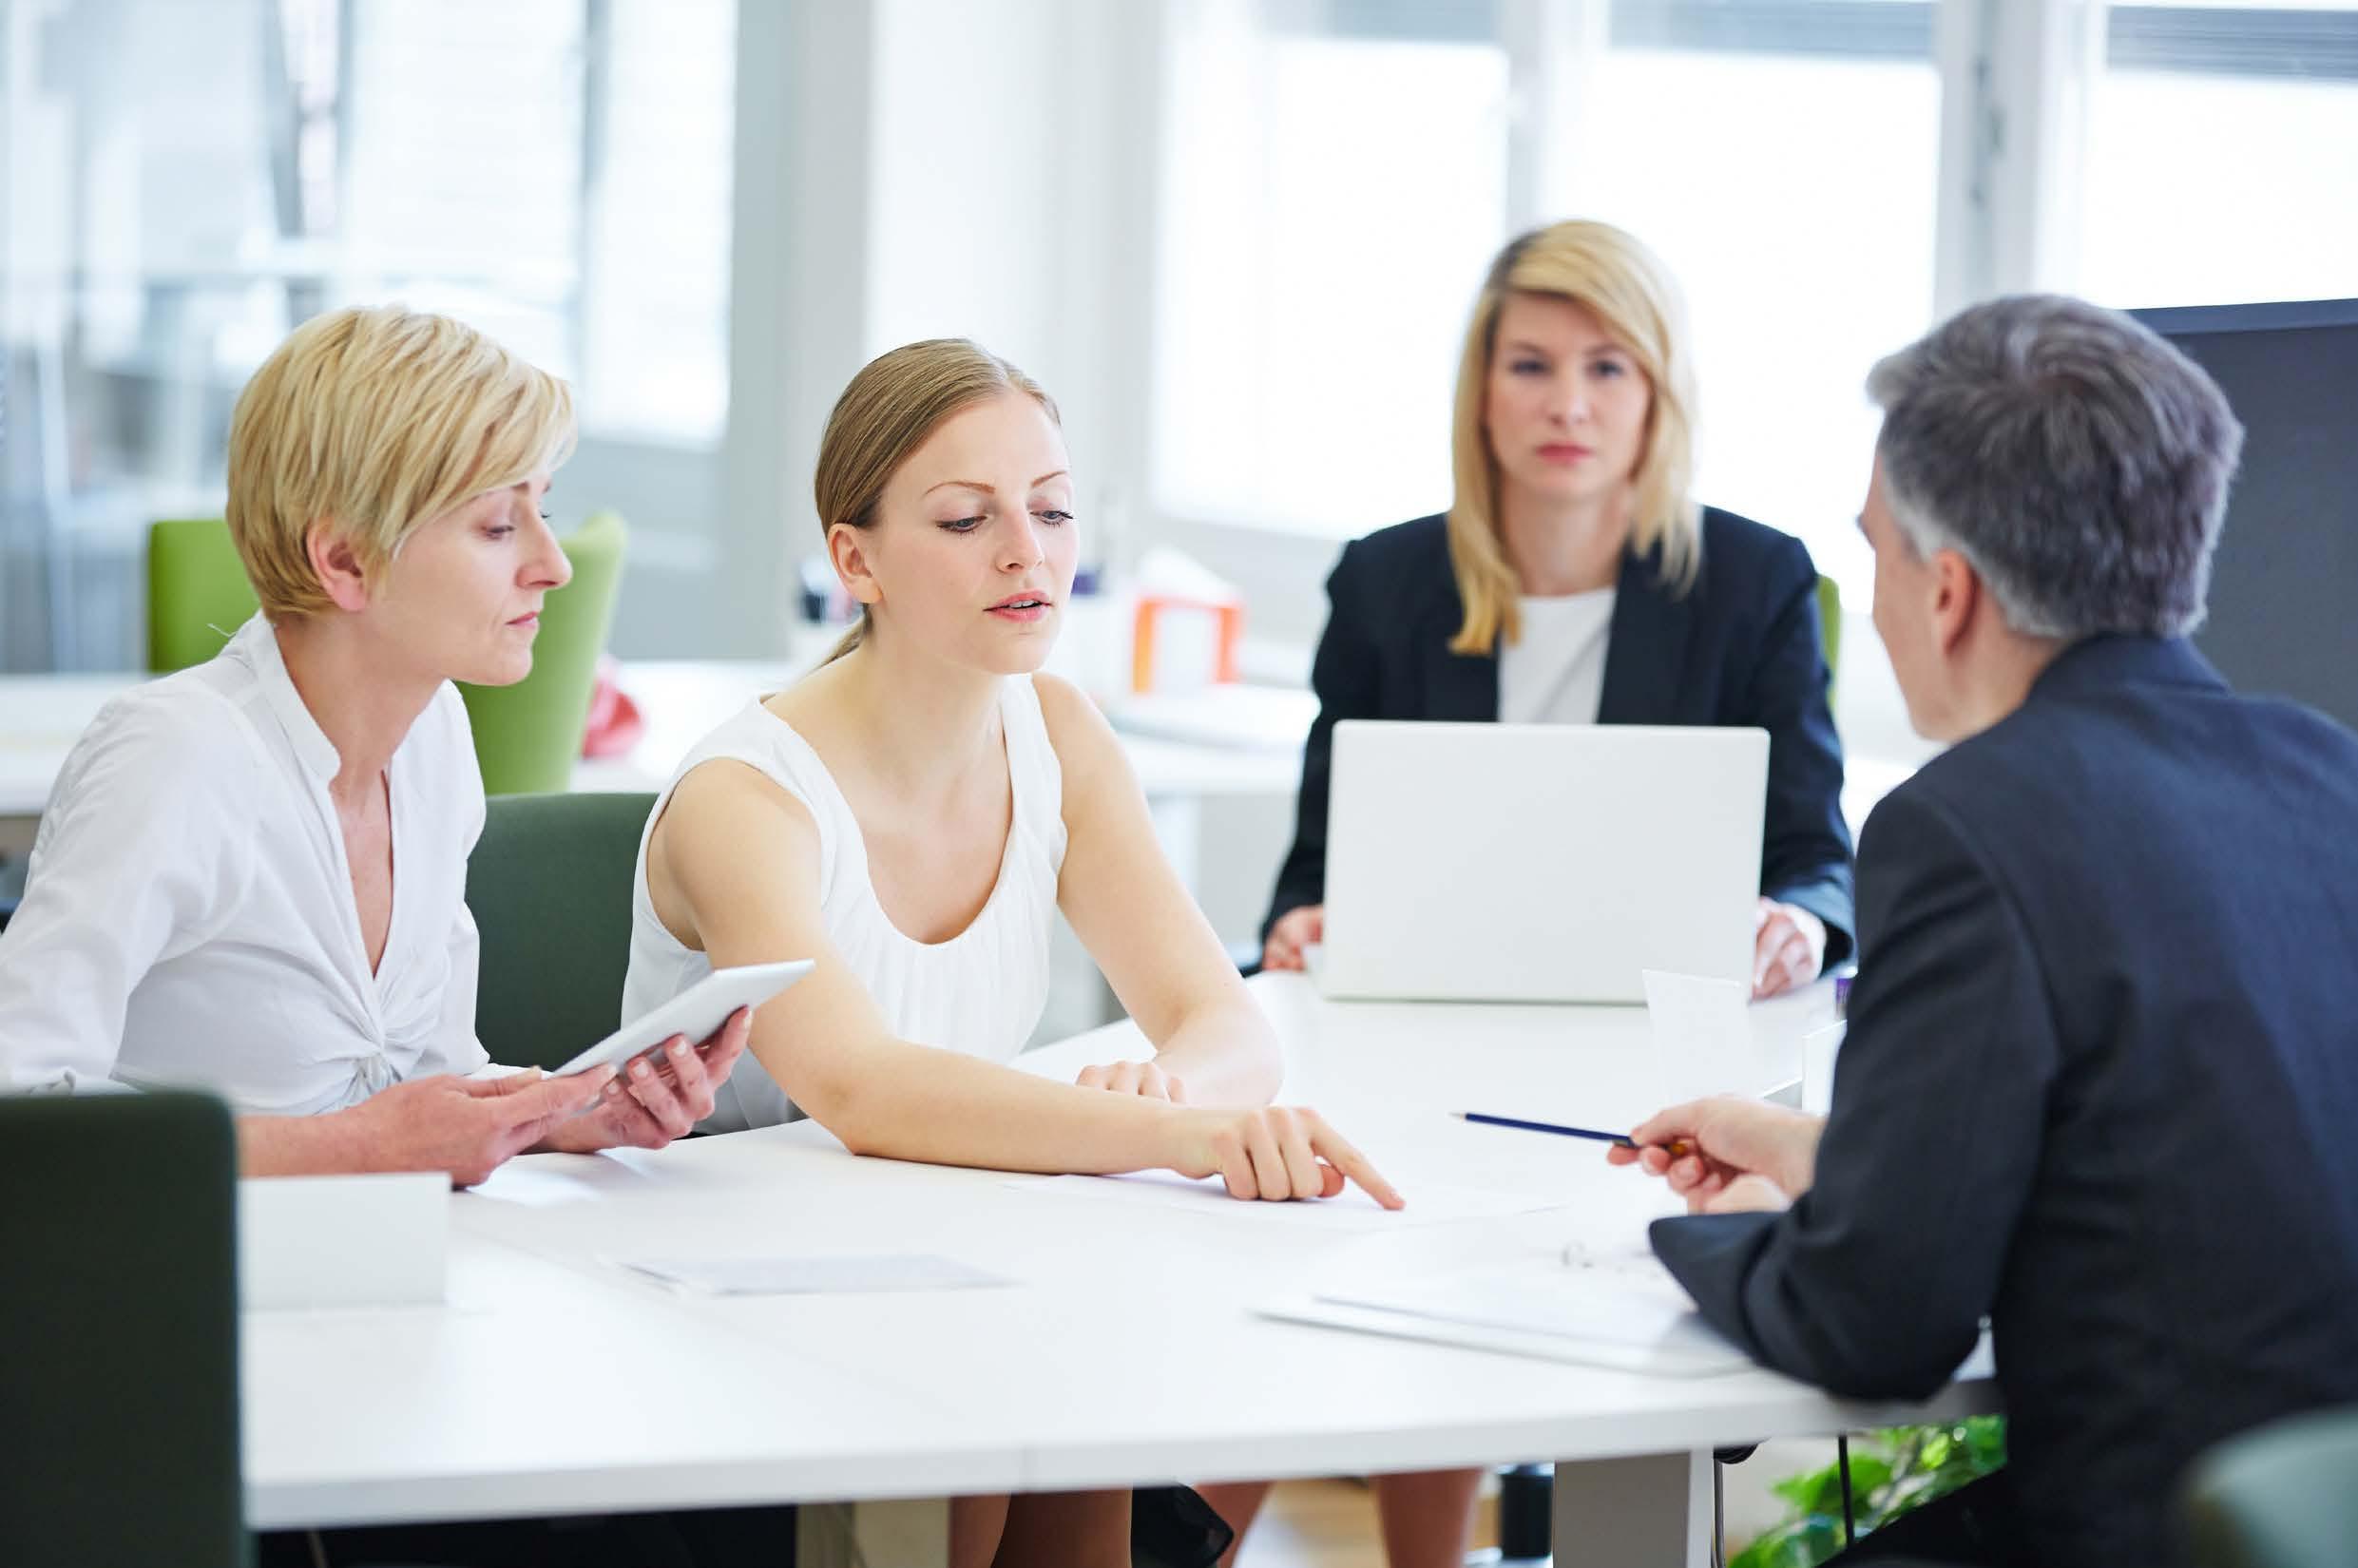 Müzakere Vaka Analizi (Şirket Müzakereleri: Satış ve Satınalma Yöneticileri Pazarlık Yol Haritası Hazırlıyor. )